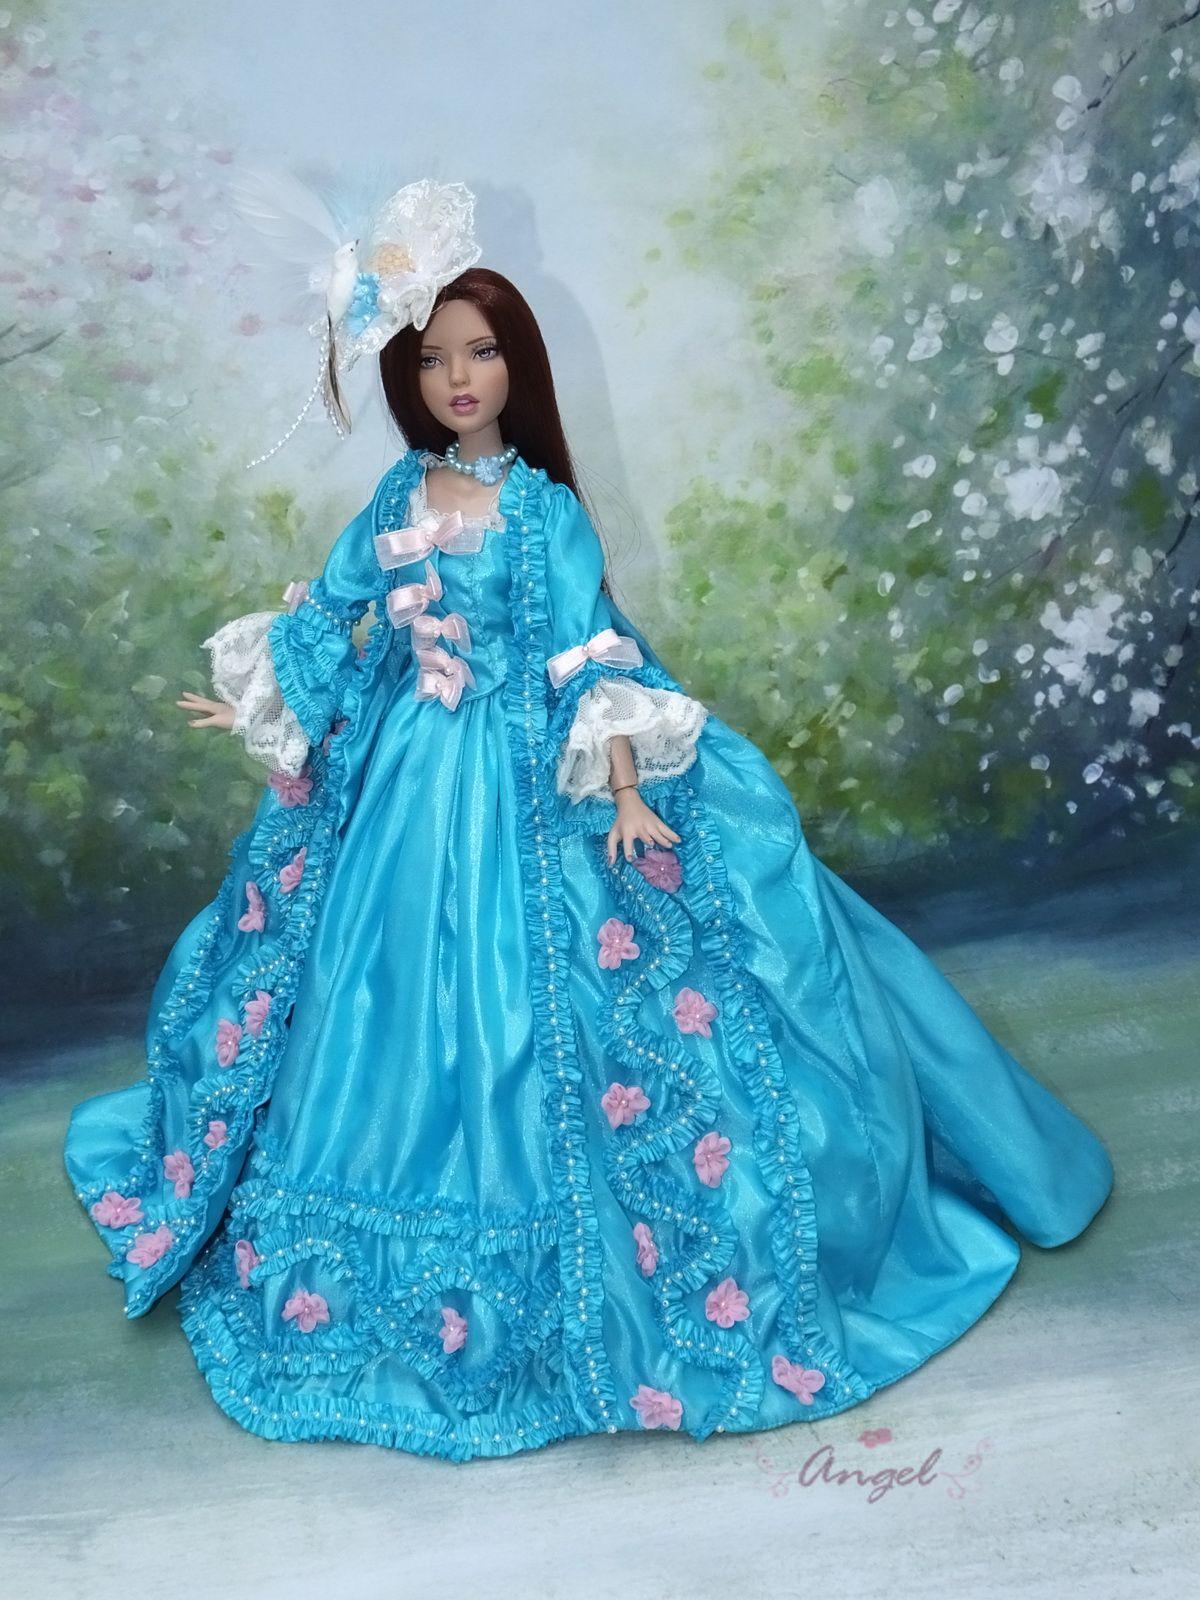 Angel Doll Fashions